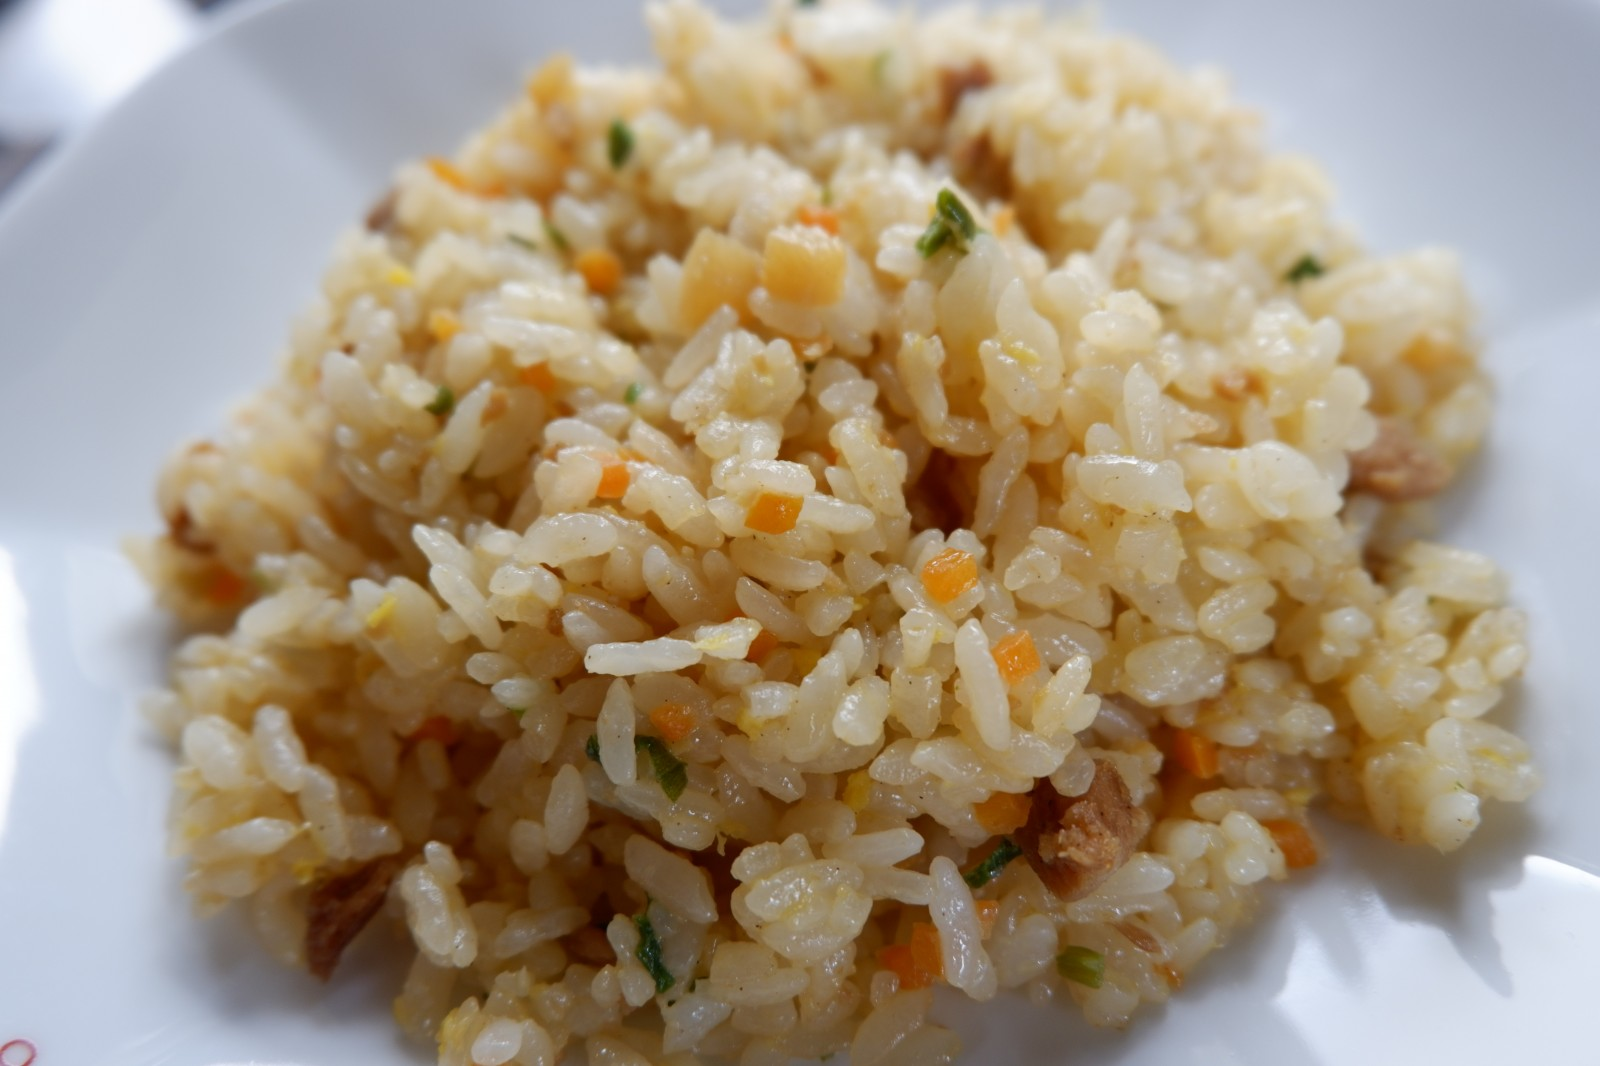 炒飯&餃子でコスパランチ=208円 ローソンセレクトって、、、